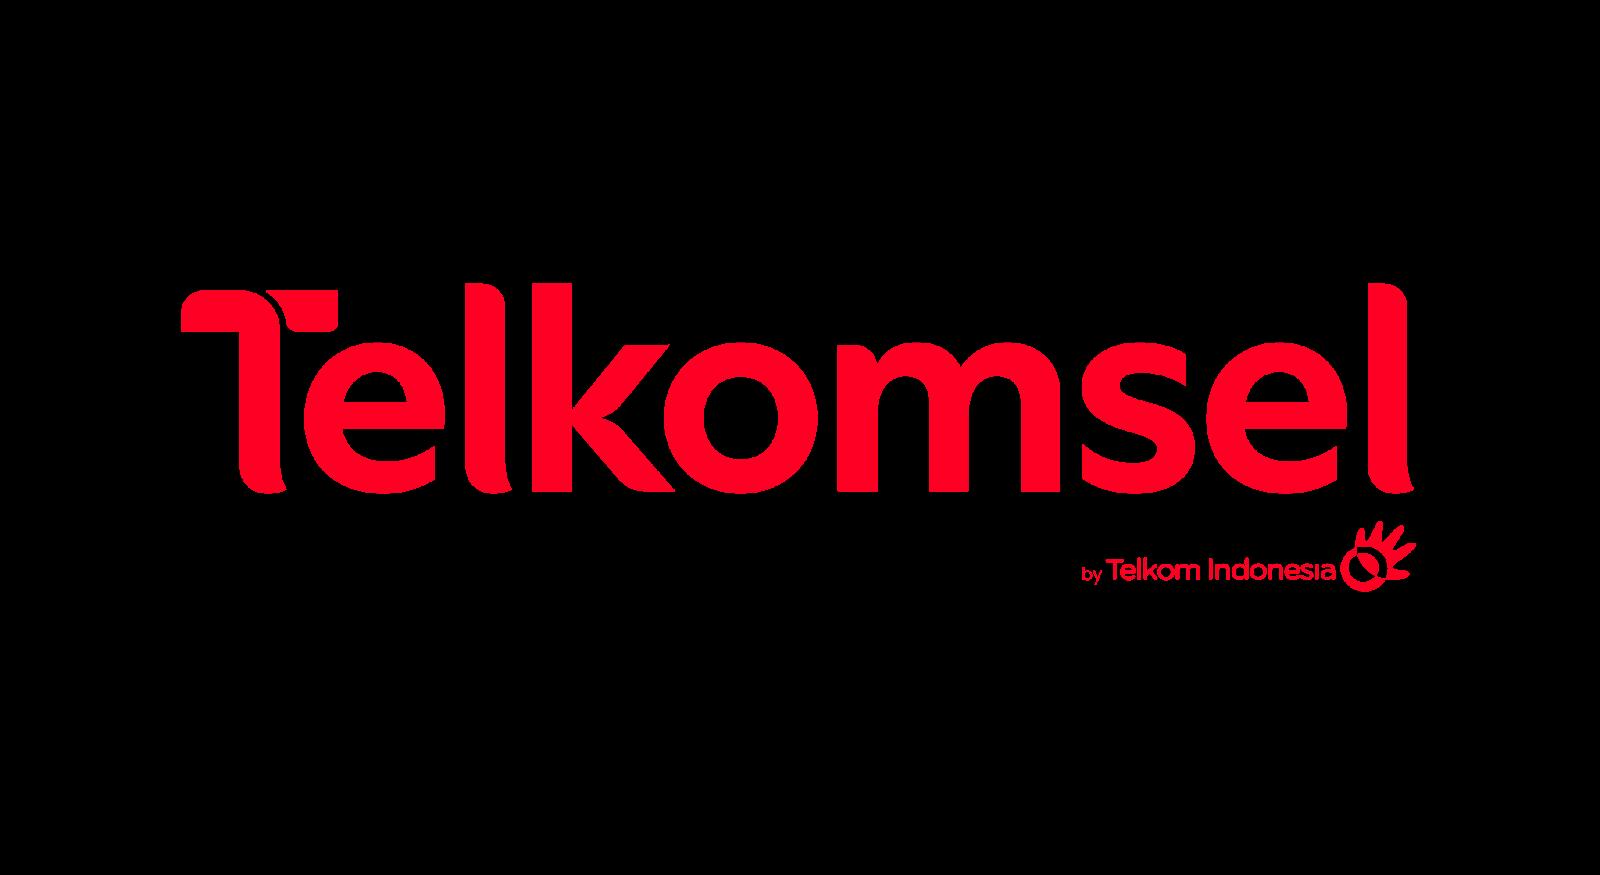 Logo Telkomsel Terbaru Format PNG